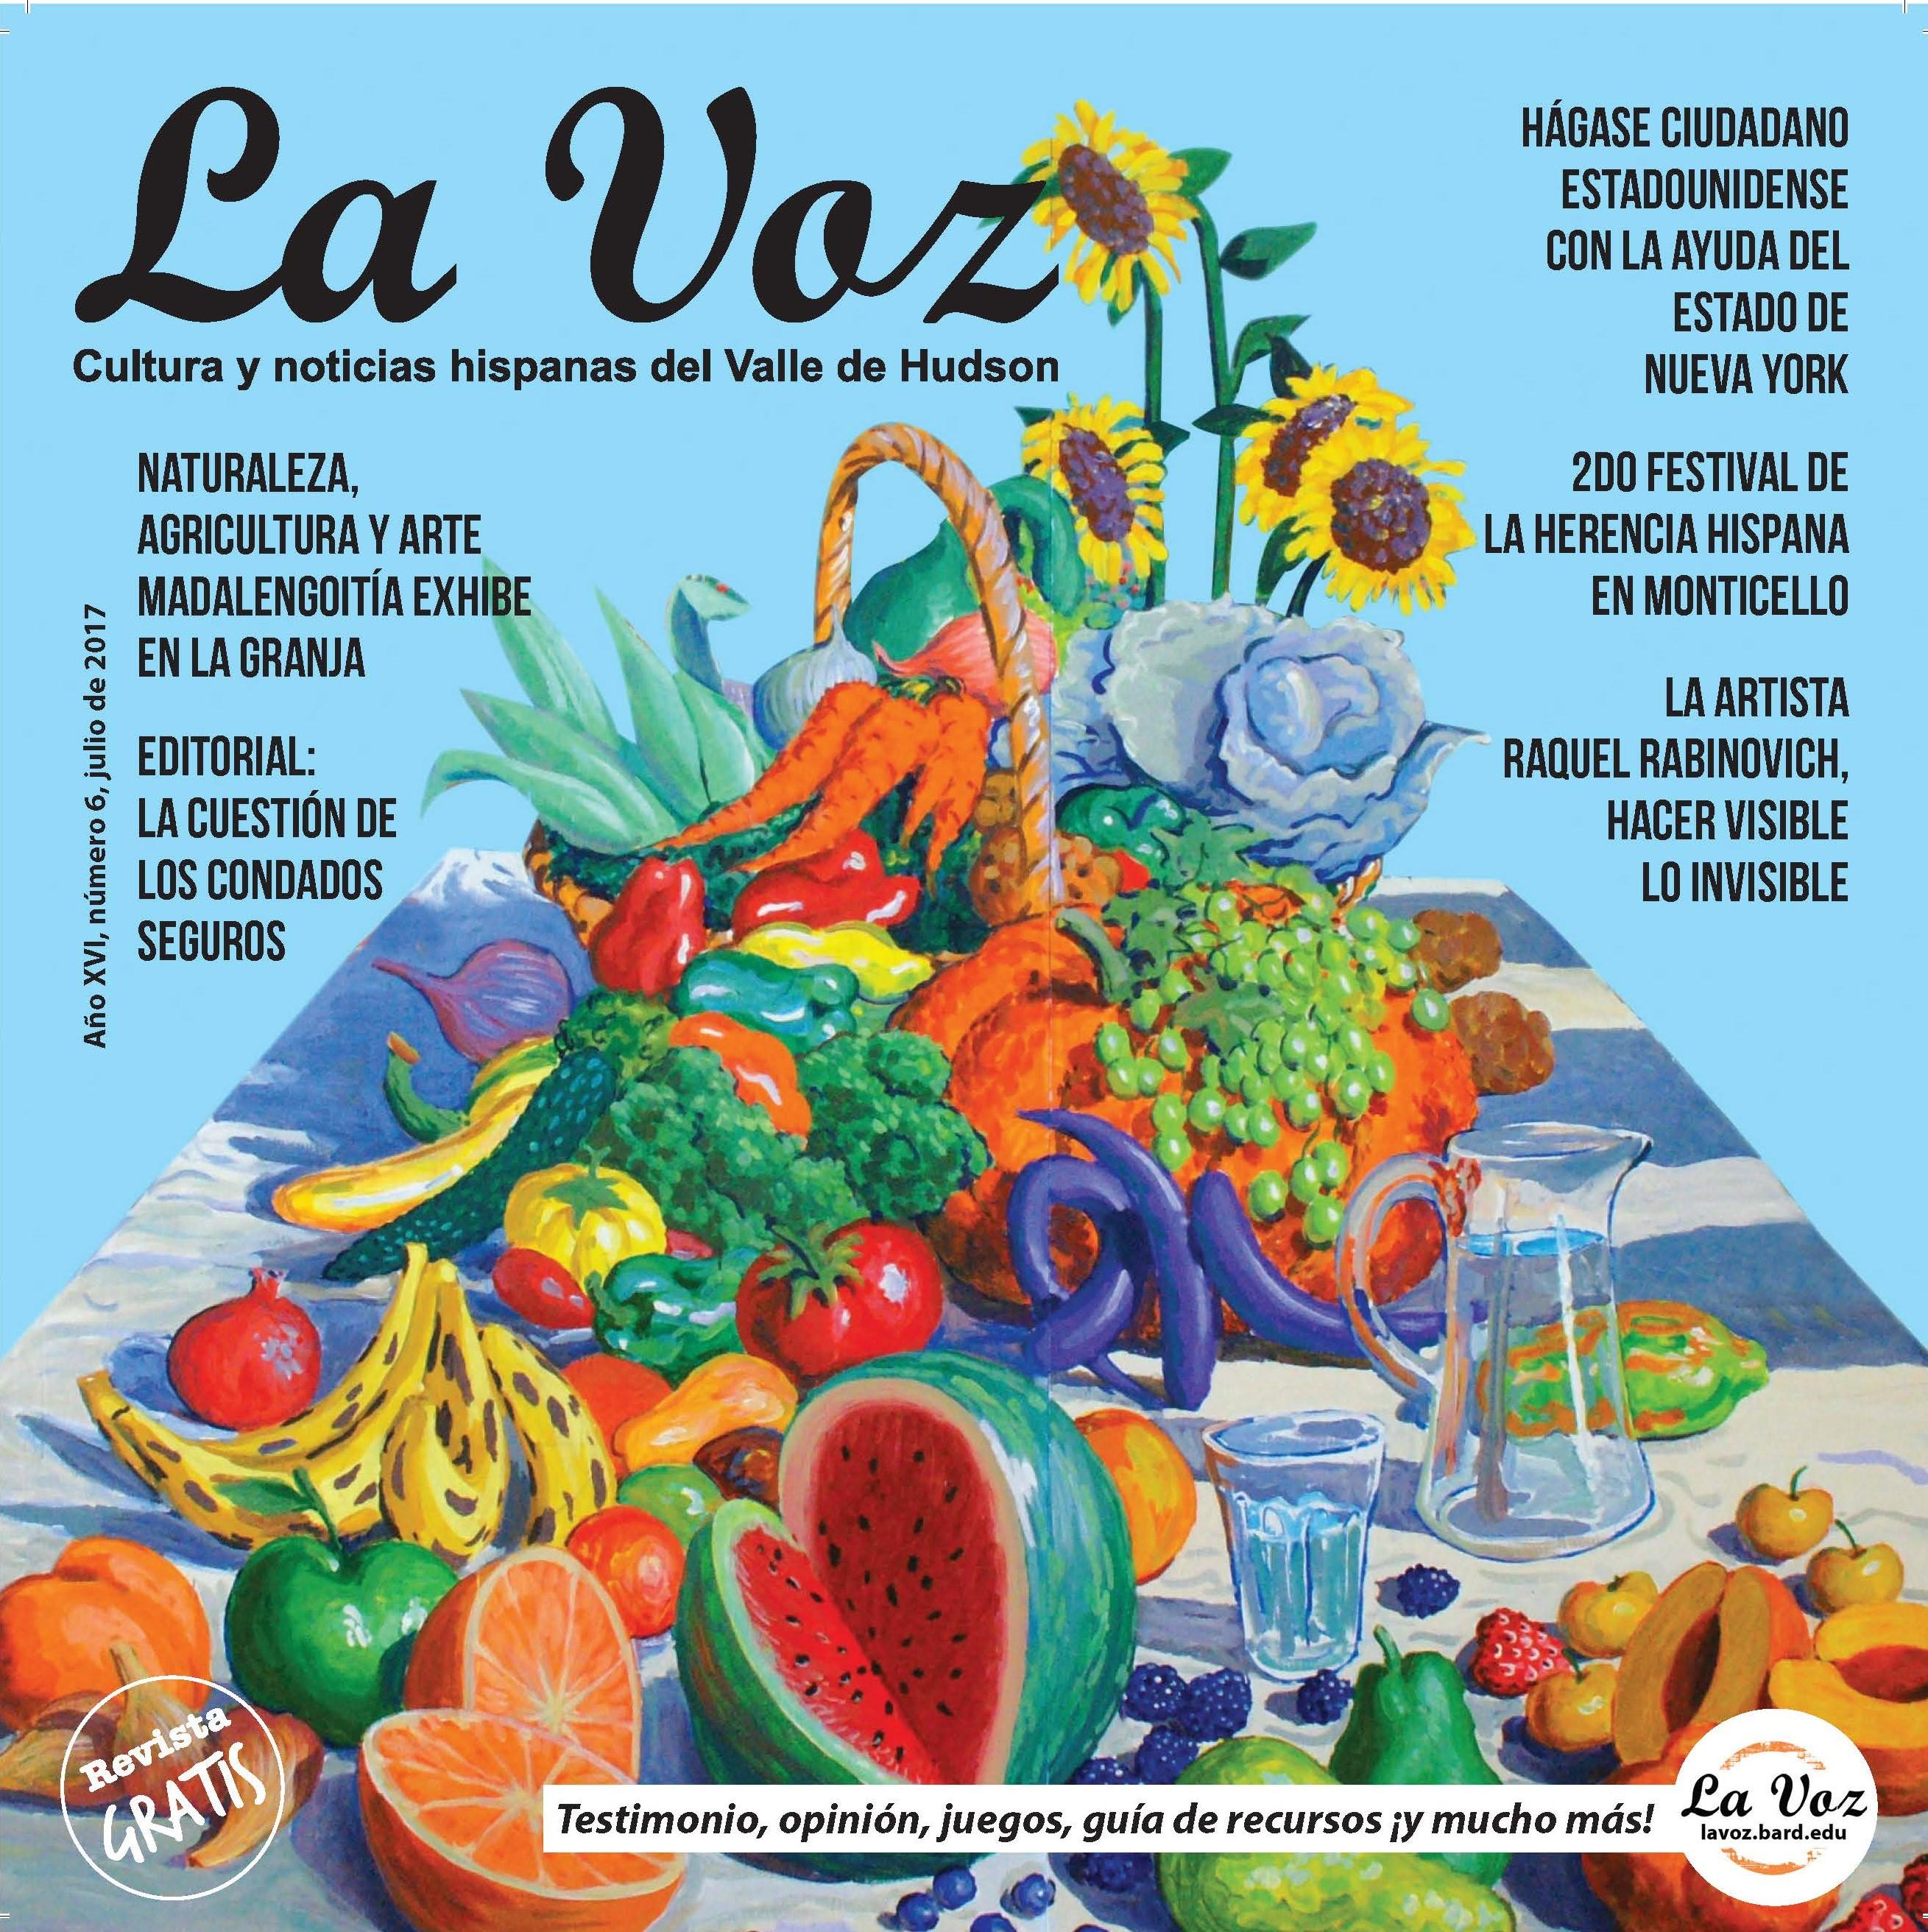 Portada de La Voz de julio 2017, imagen creada por el artista Néstor Madalengoitía